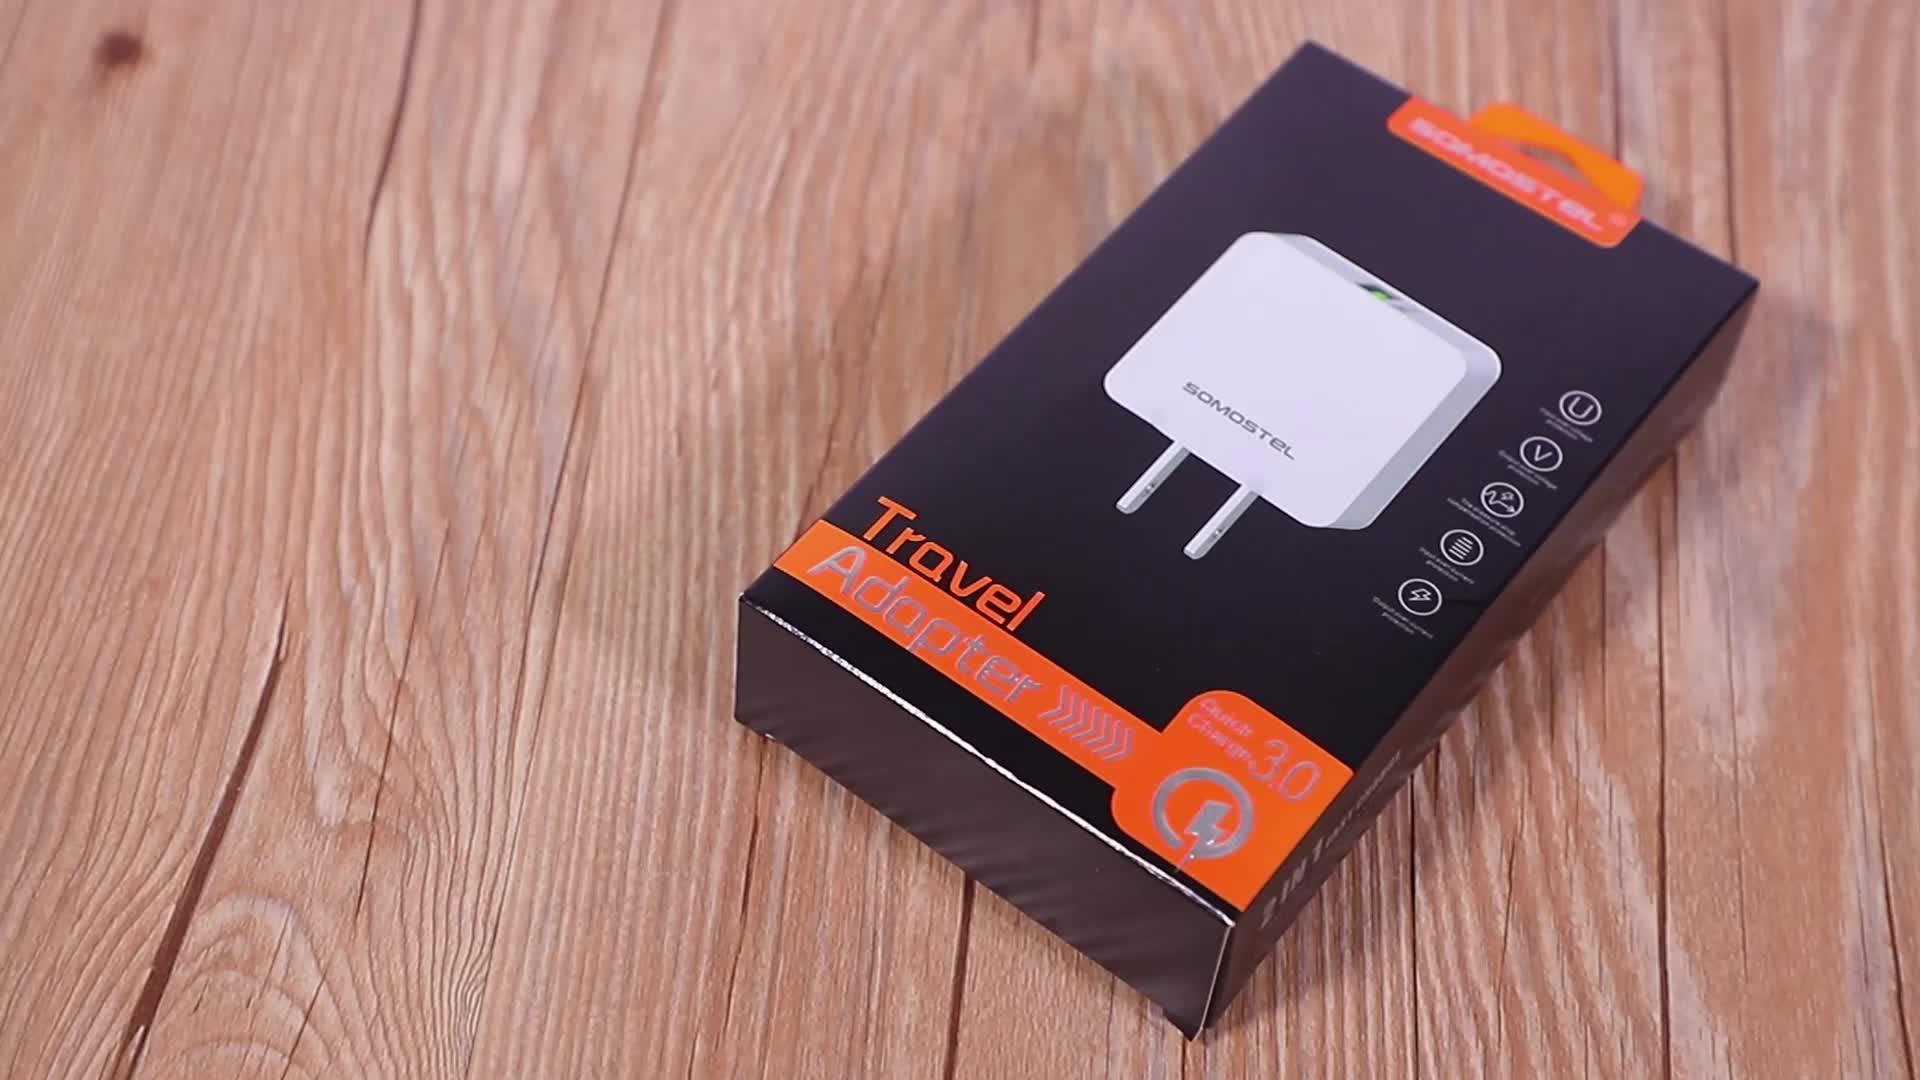 Personalizado 1 UE porta usb adaptadores de carregador de casa rápido rápido carregador de viagem do telefone móvel celular com 1200 milímetros cabo